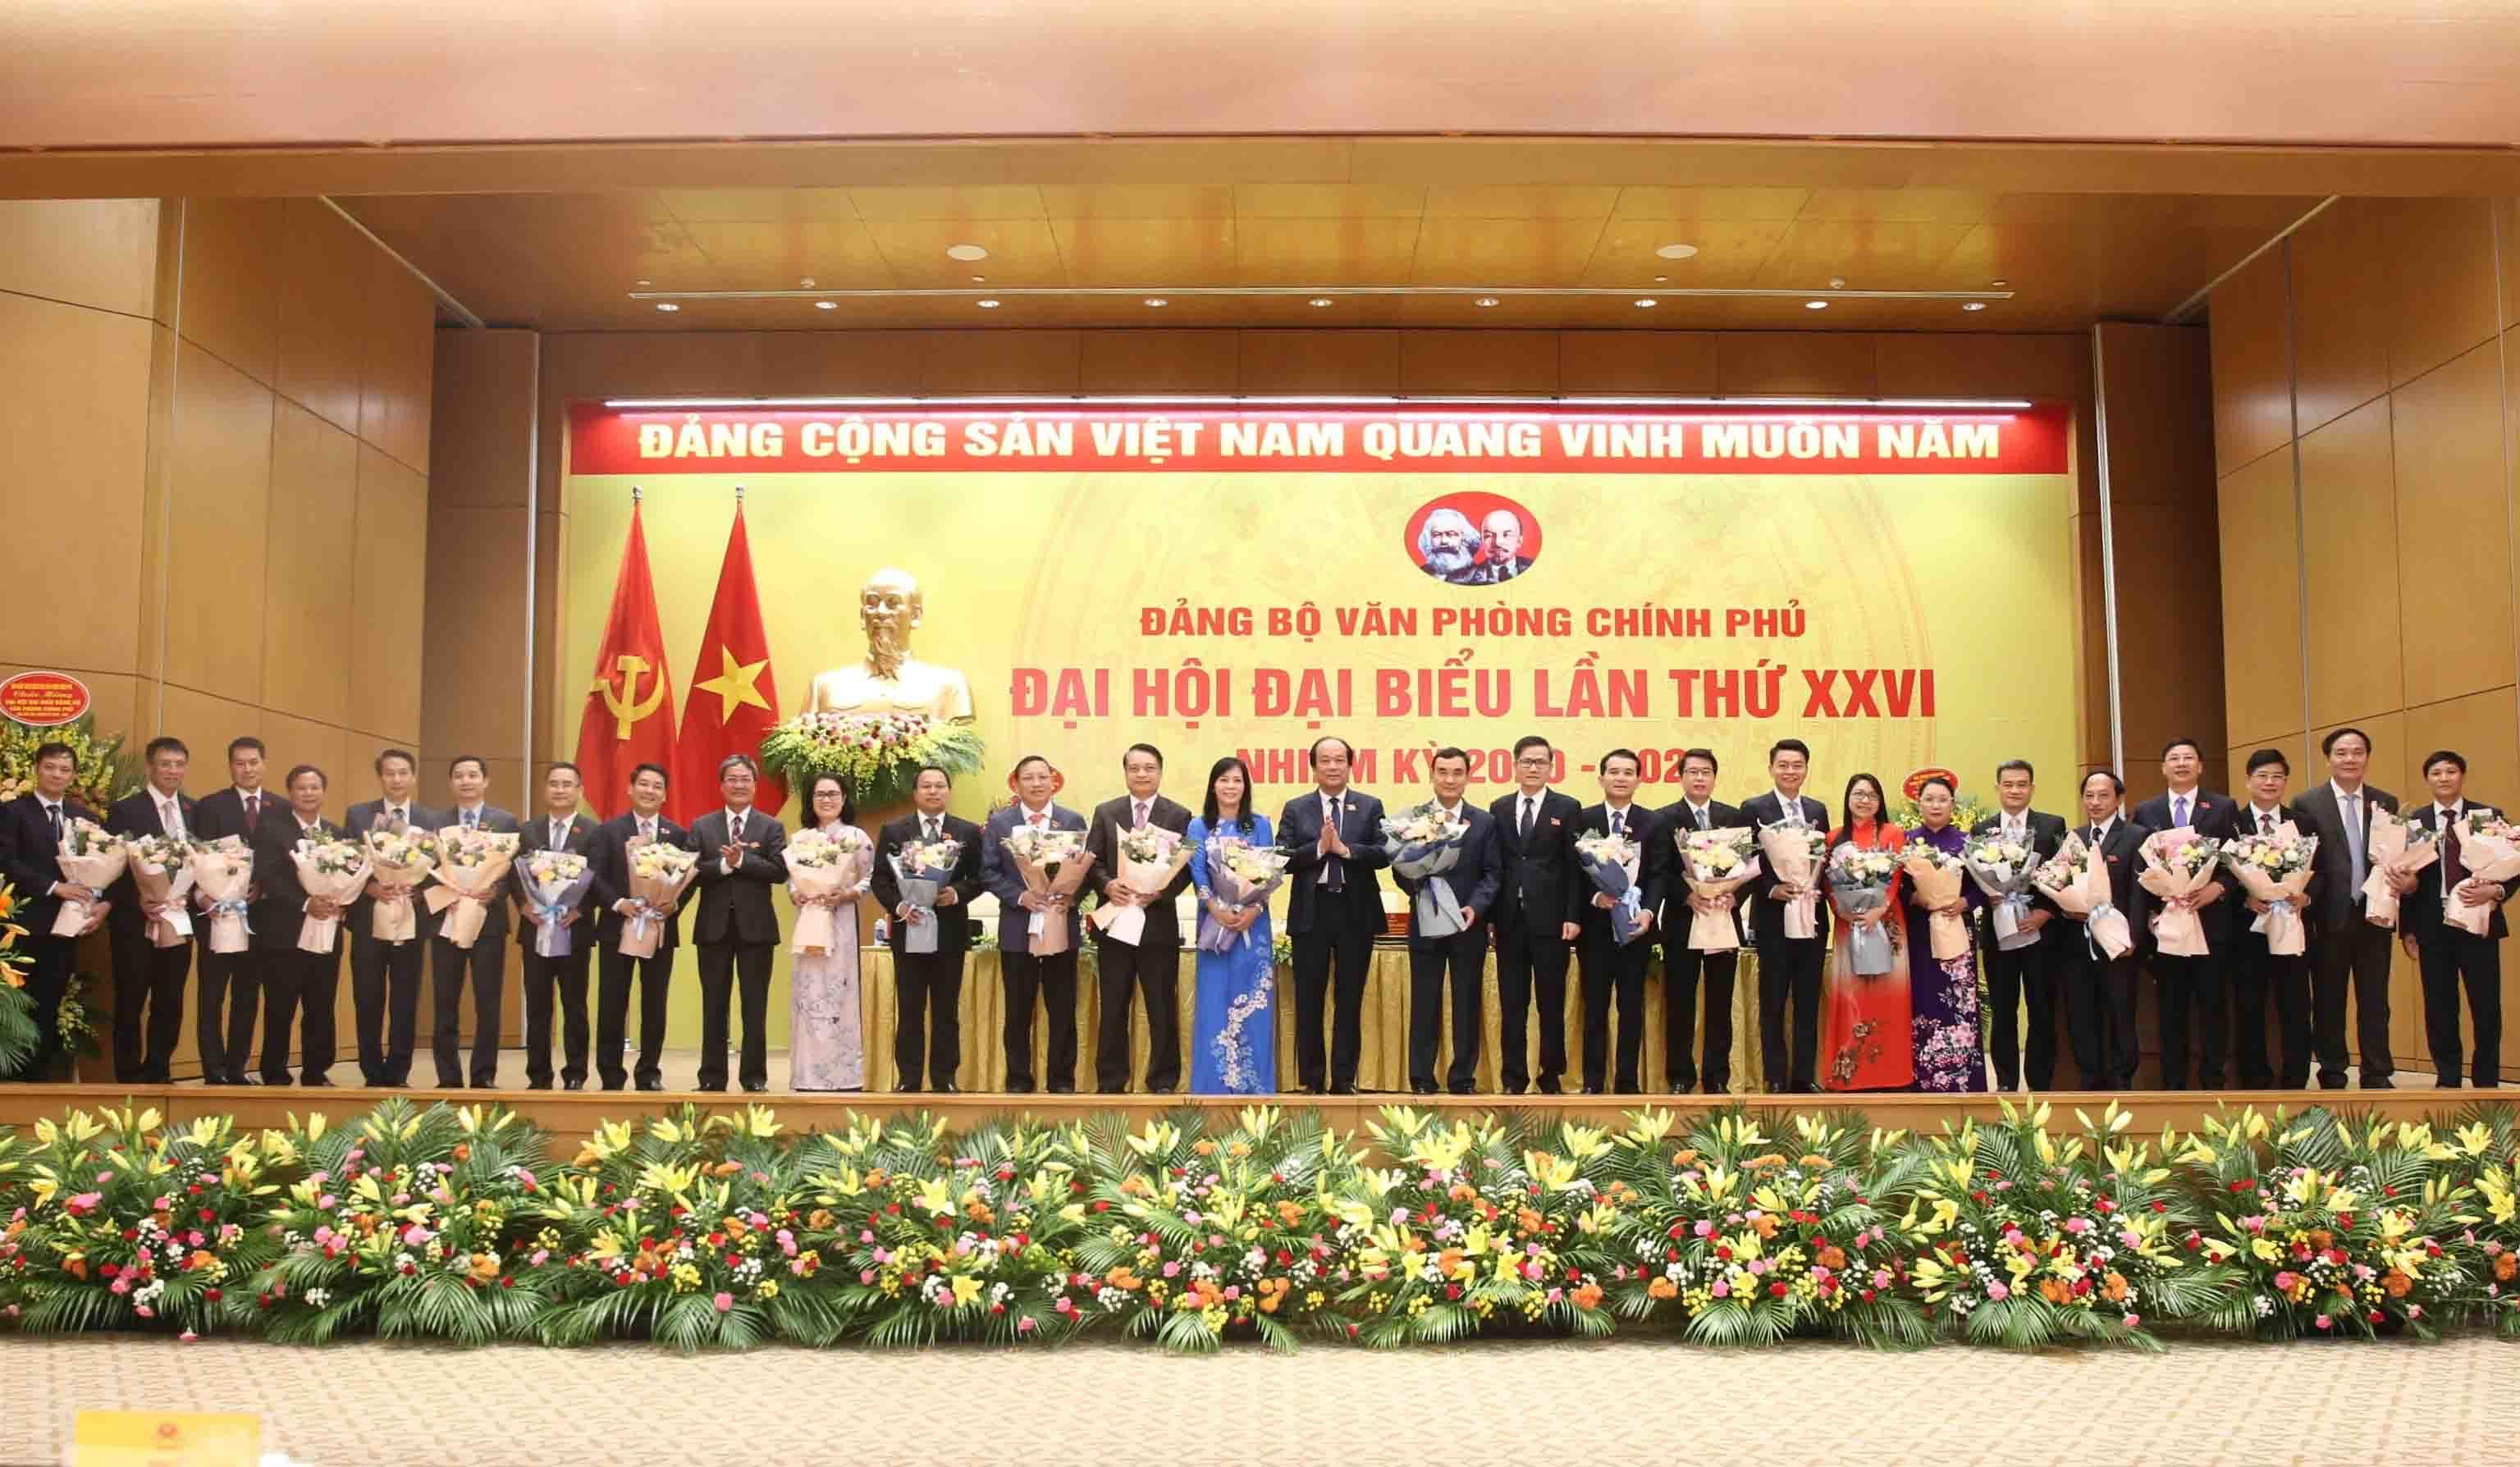 25 nhân sự được bầu vào BCH Đảng bộ Văn phòng Chính phủ nhiệm kỳ mới